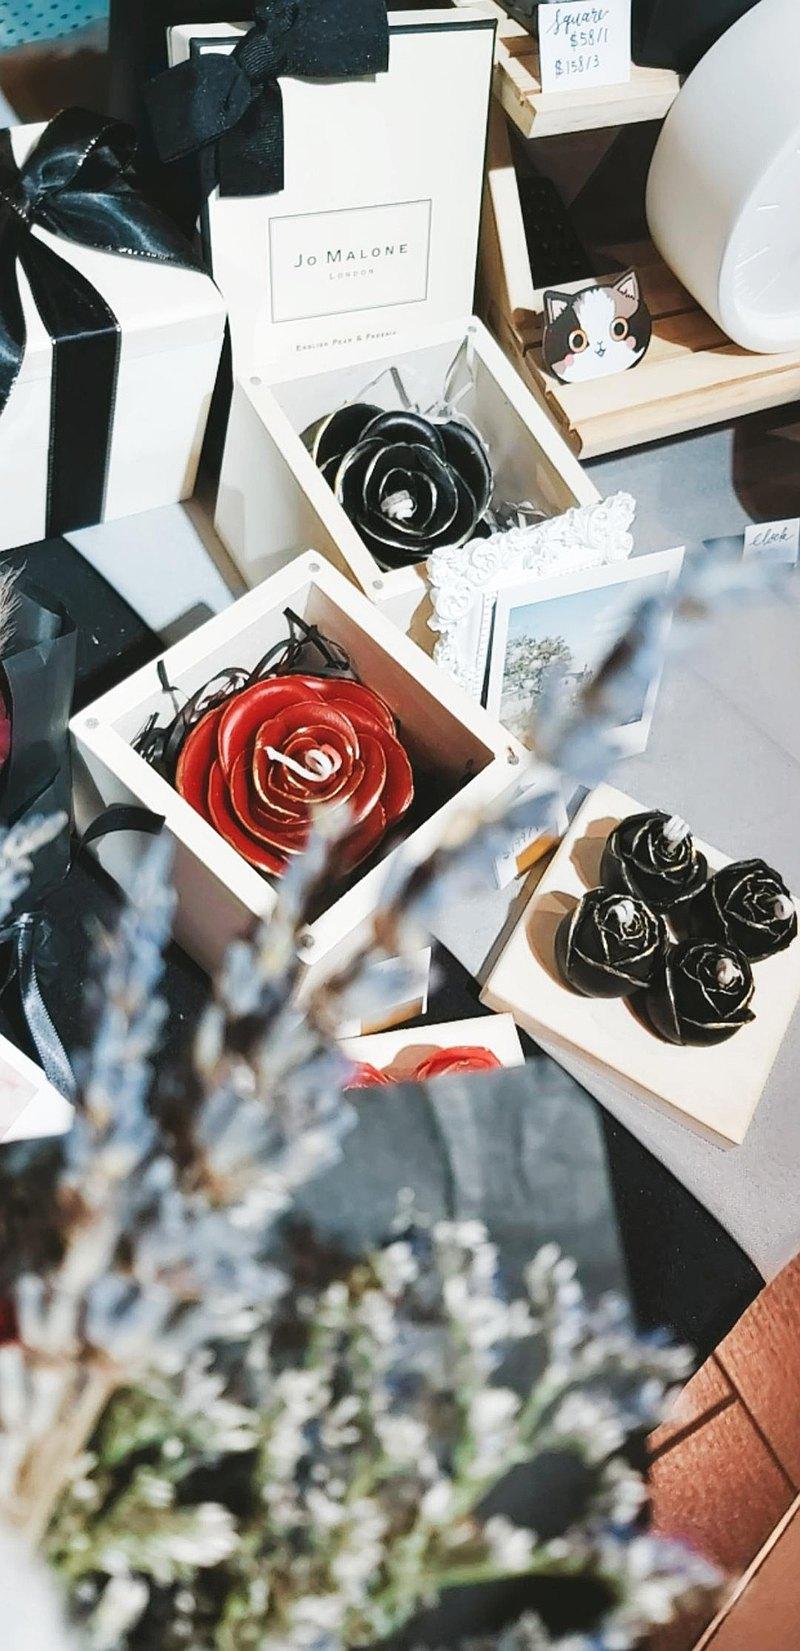 全手工製作 浪漫金邊玫瑰香氛蠟燭禮盒 絕對獨一無二的禮物   R&D